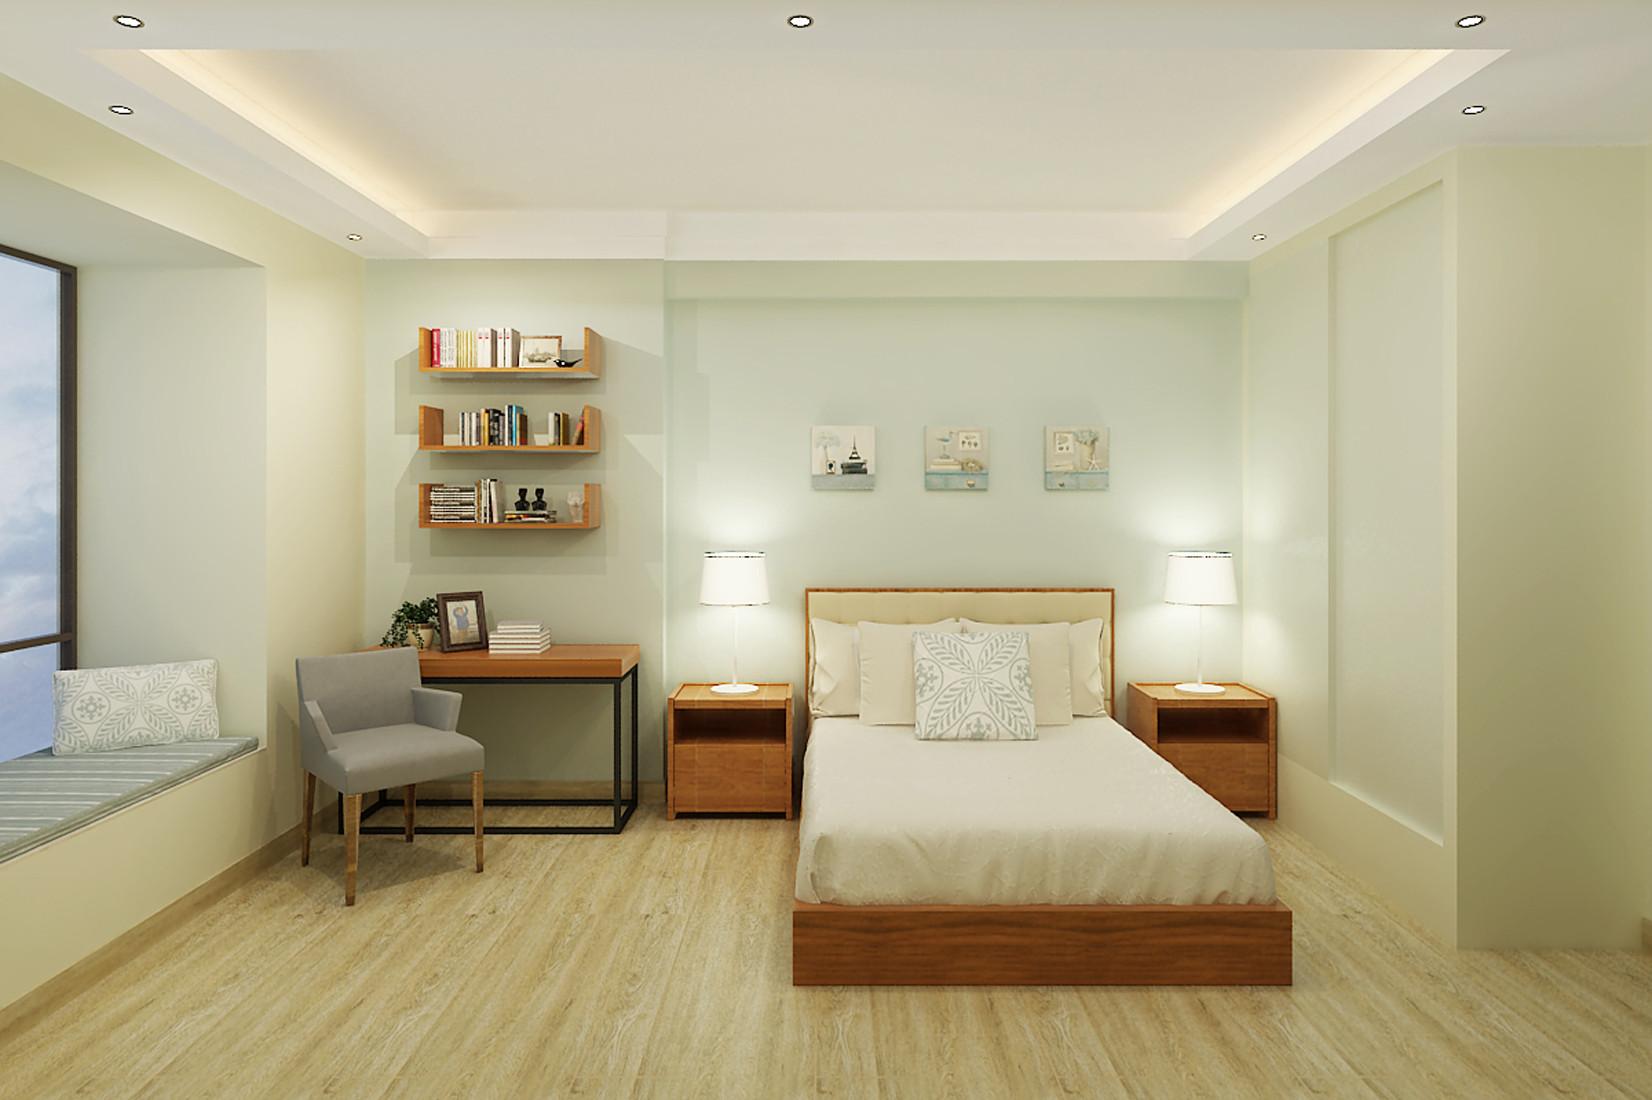 简约中式装修卧室背景墙图片